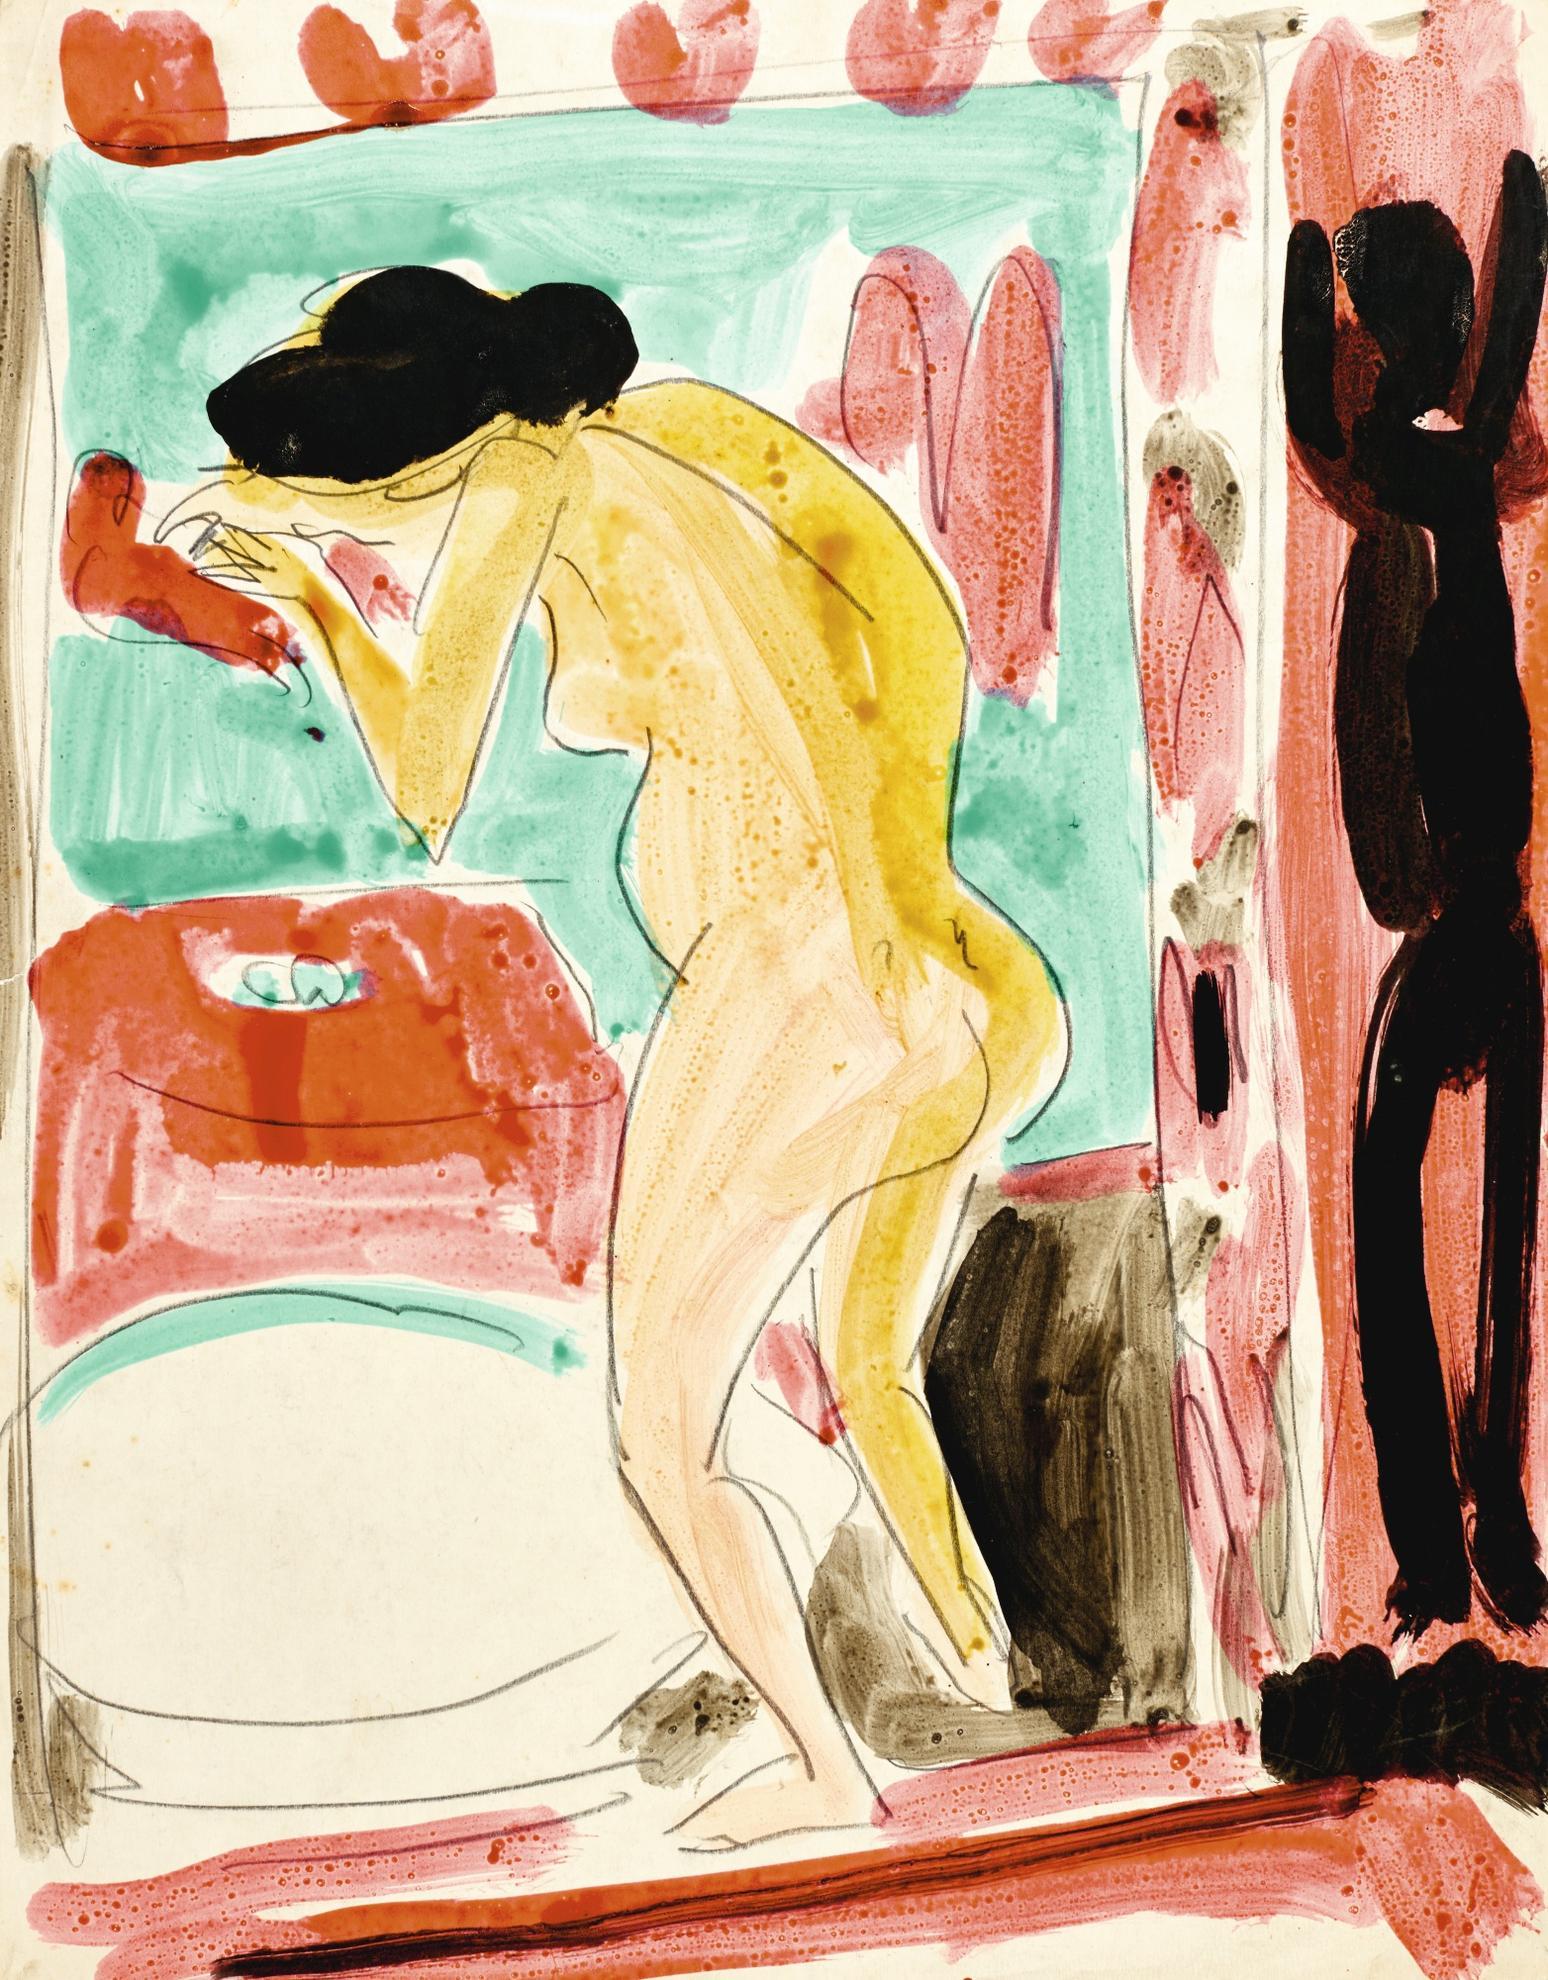 Ernst Ludwig Kirchner-Gelber Akt Vor Einem Badetub (Yellow Nude By The Bath Tub) - Recto Zwei Weibliche Akte (Two Female Nudes) - Verso-1910